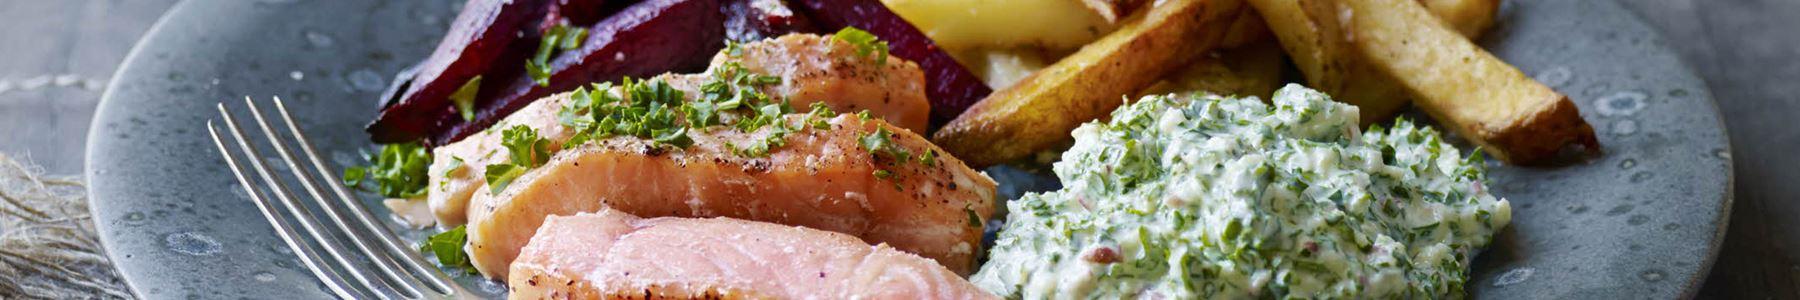 Grønkål + Fisk og skaldyr